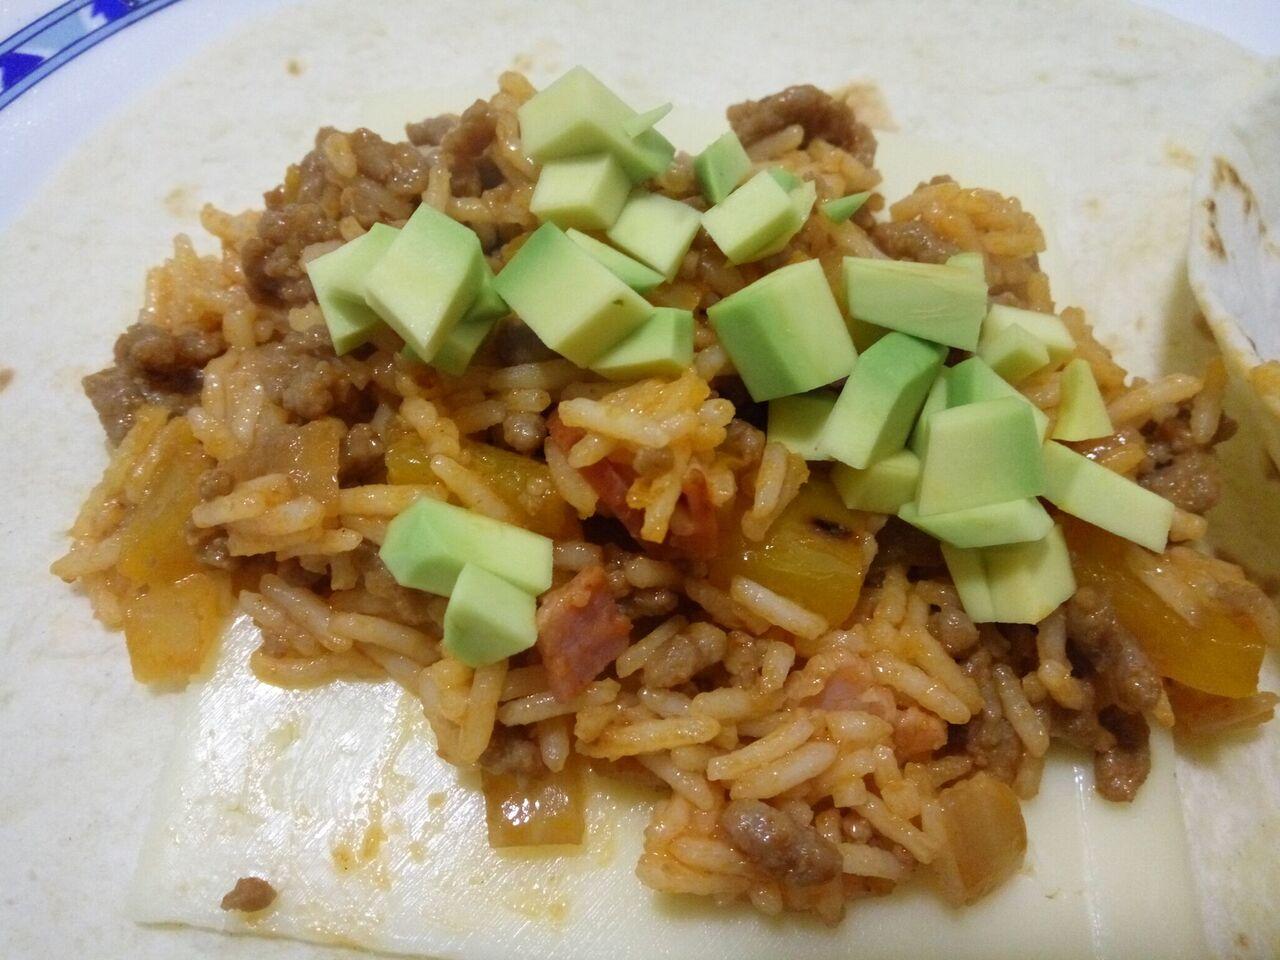 Receta de burrito con arroz sin gluten la cocina sin - Tortilla en el microondas ...